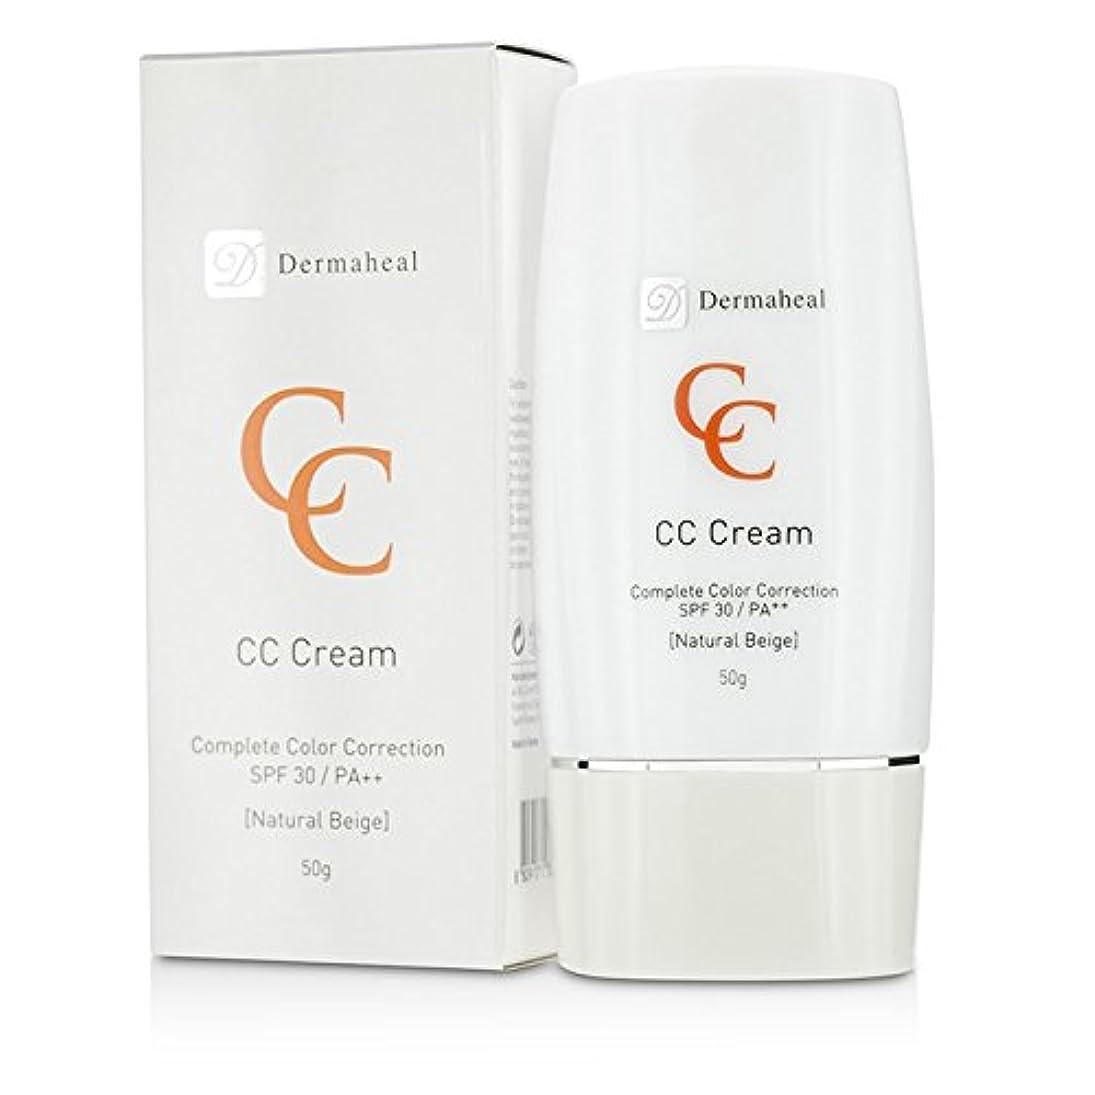 ダーマヒール CC Cream SPF30 - Natural Beige 50g/1.7oz並行輸入品